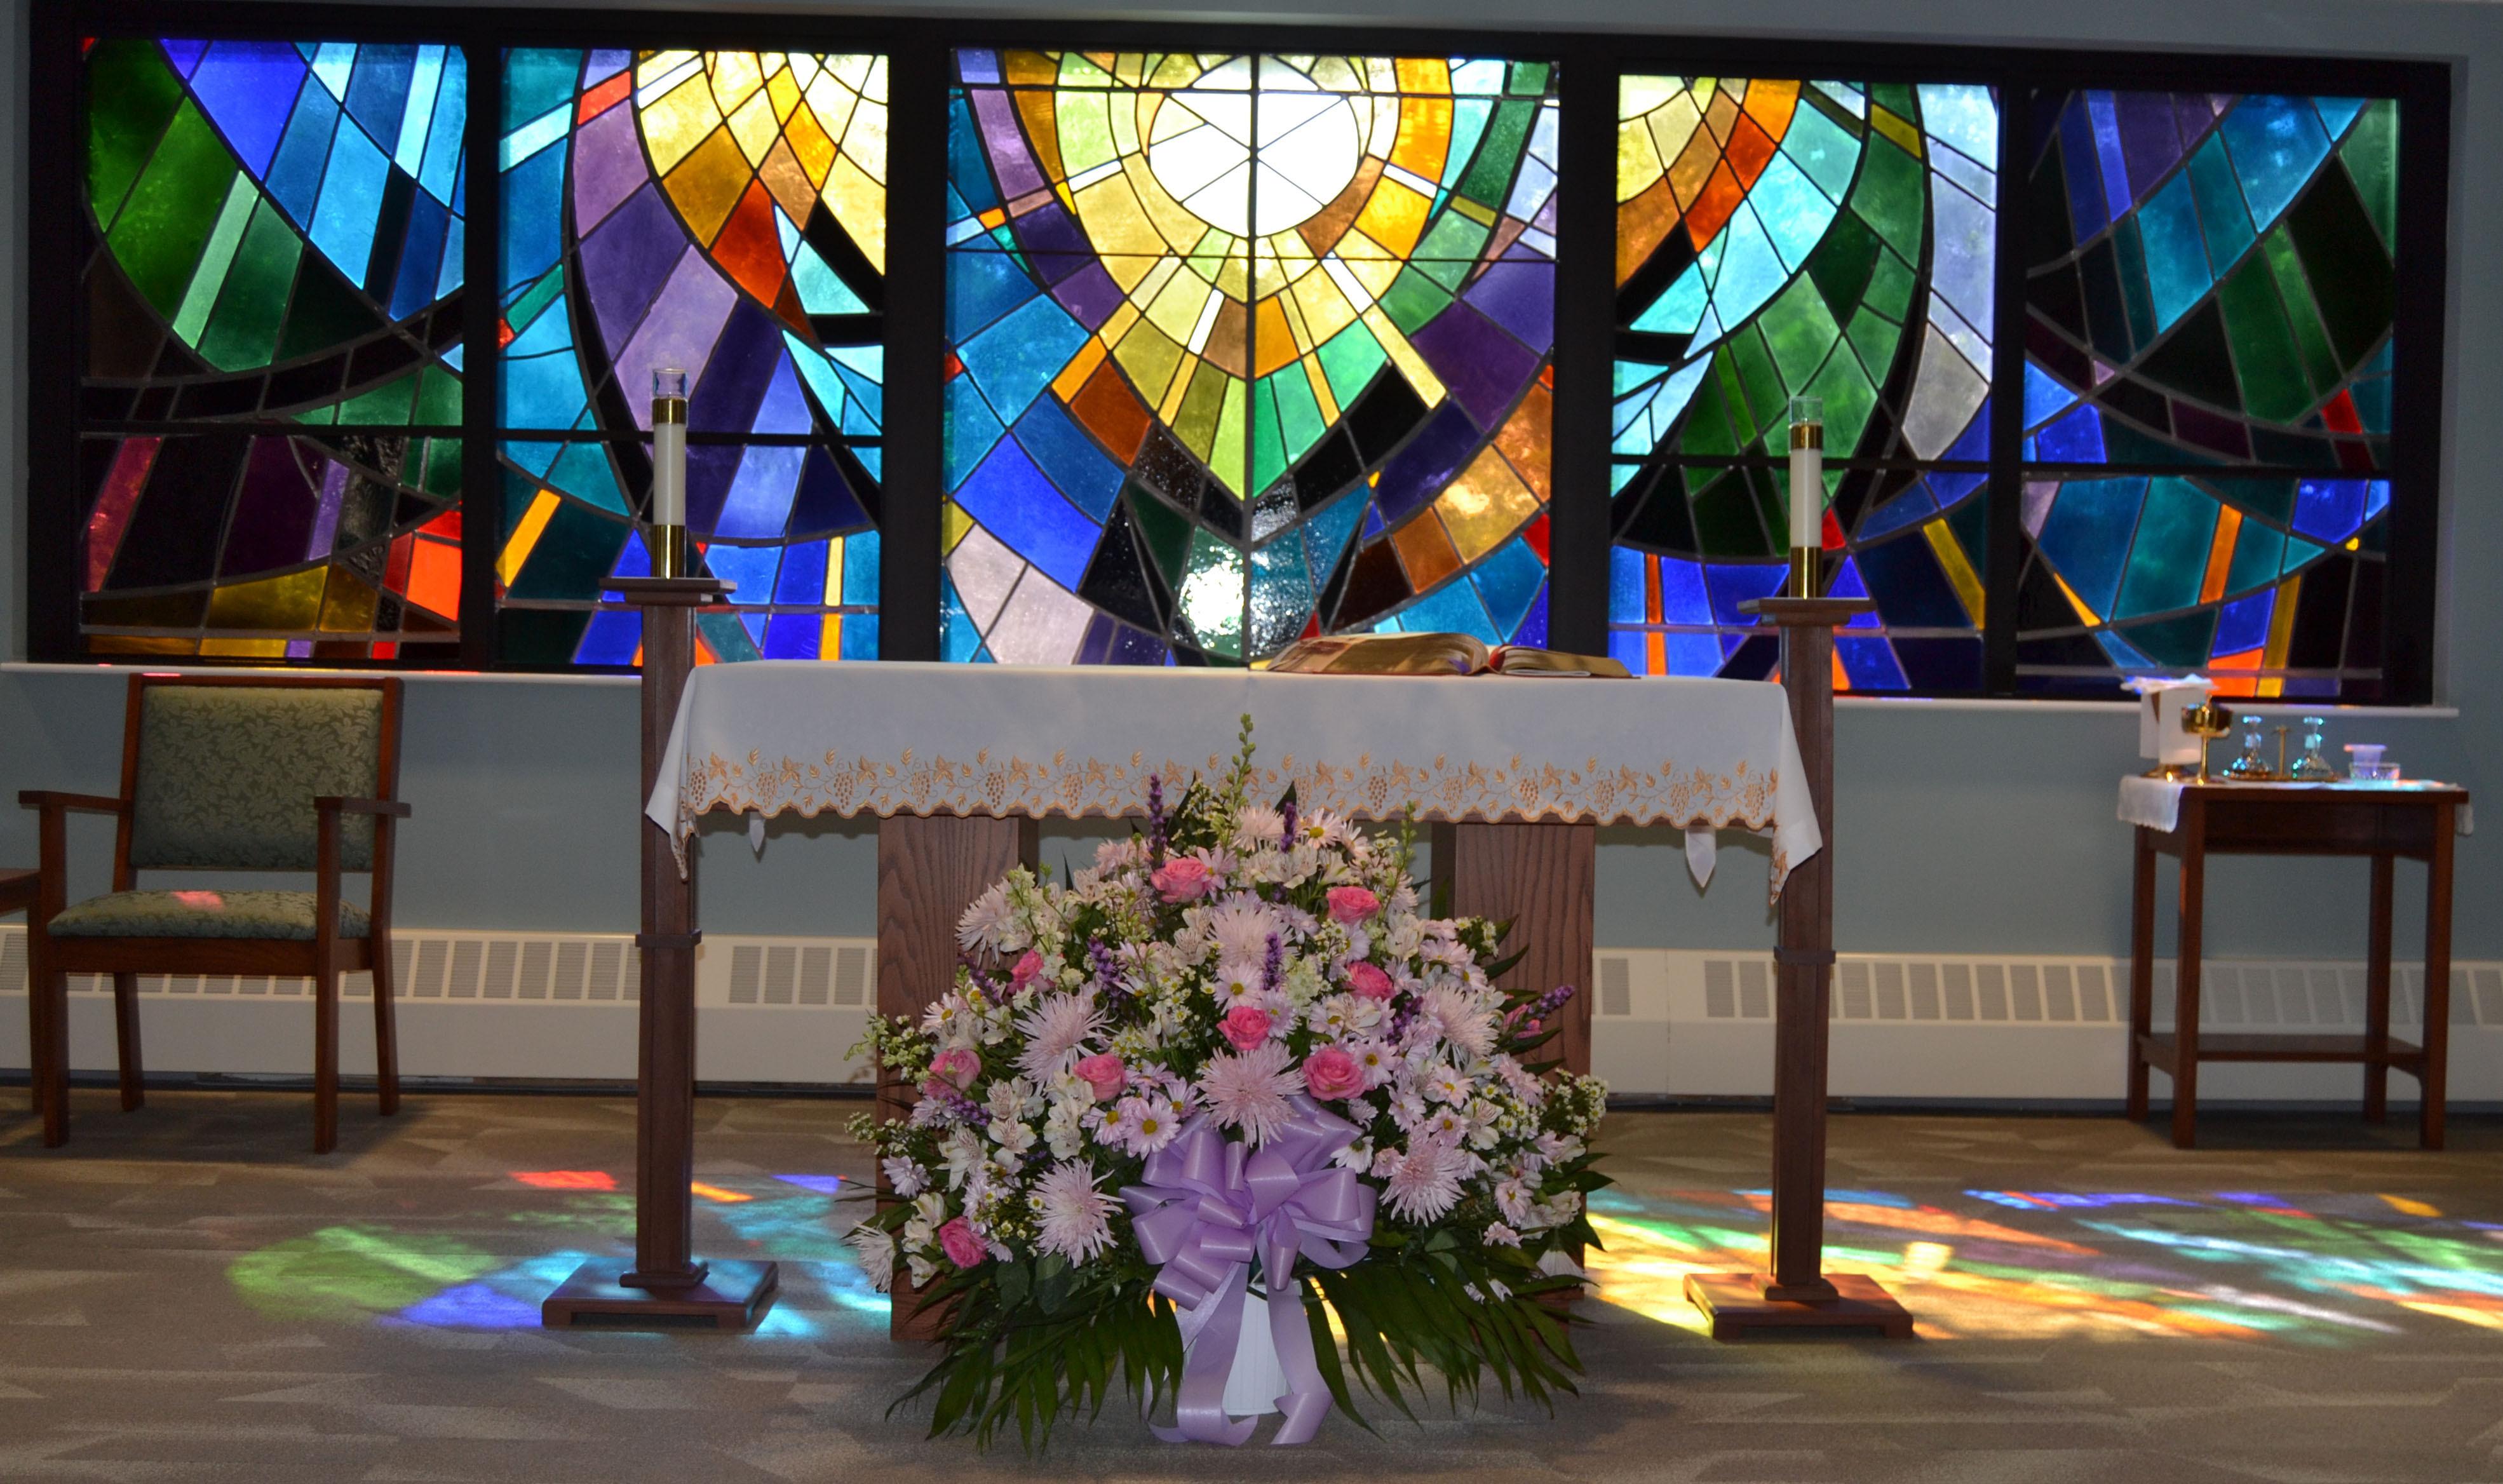 Carmel Richmond stained glass window